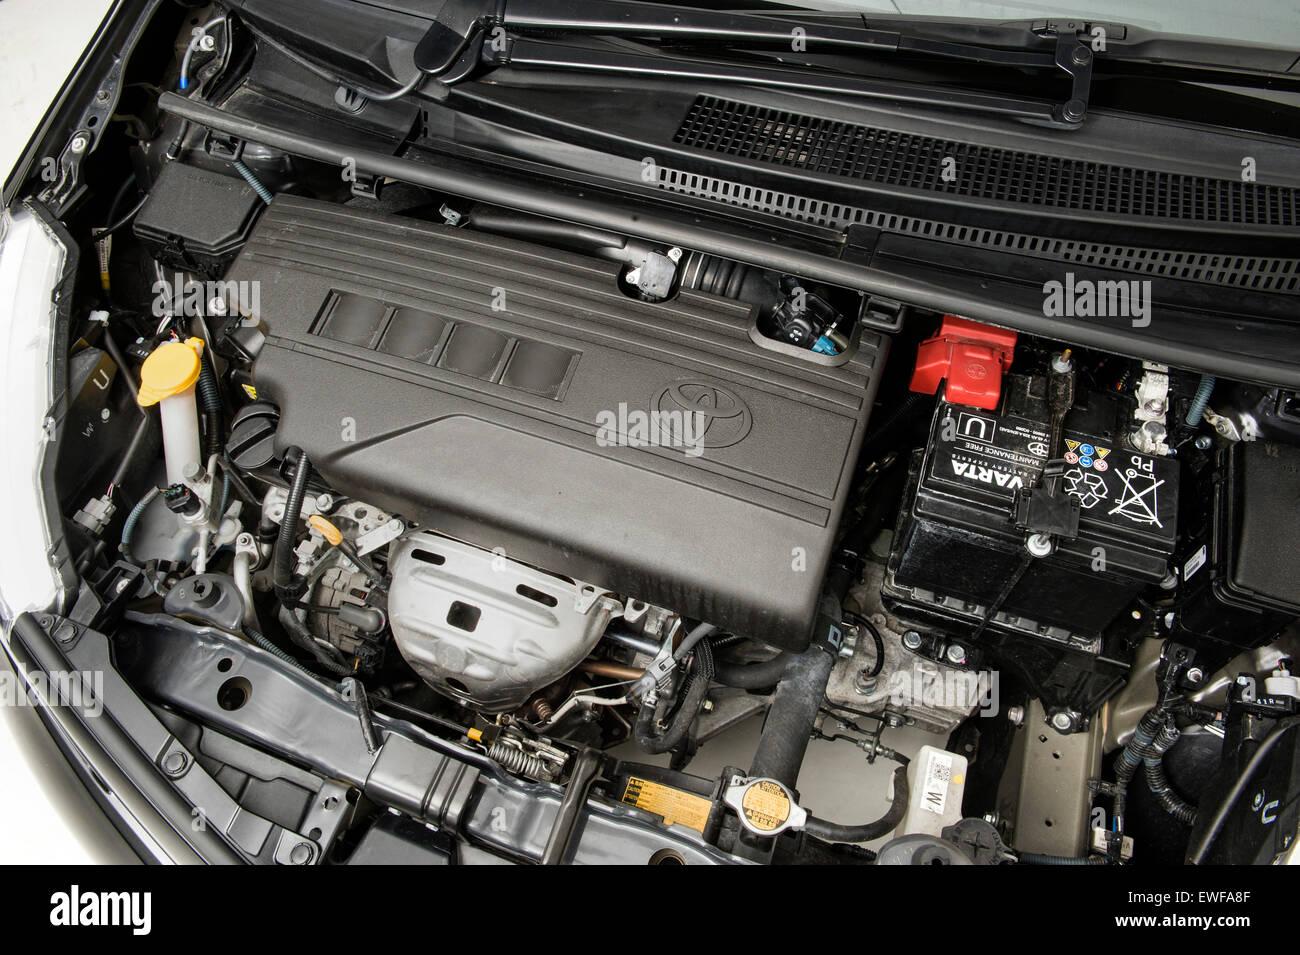 2014 Toyota Yaris Immagini Stock